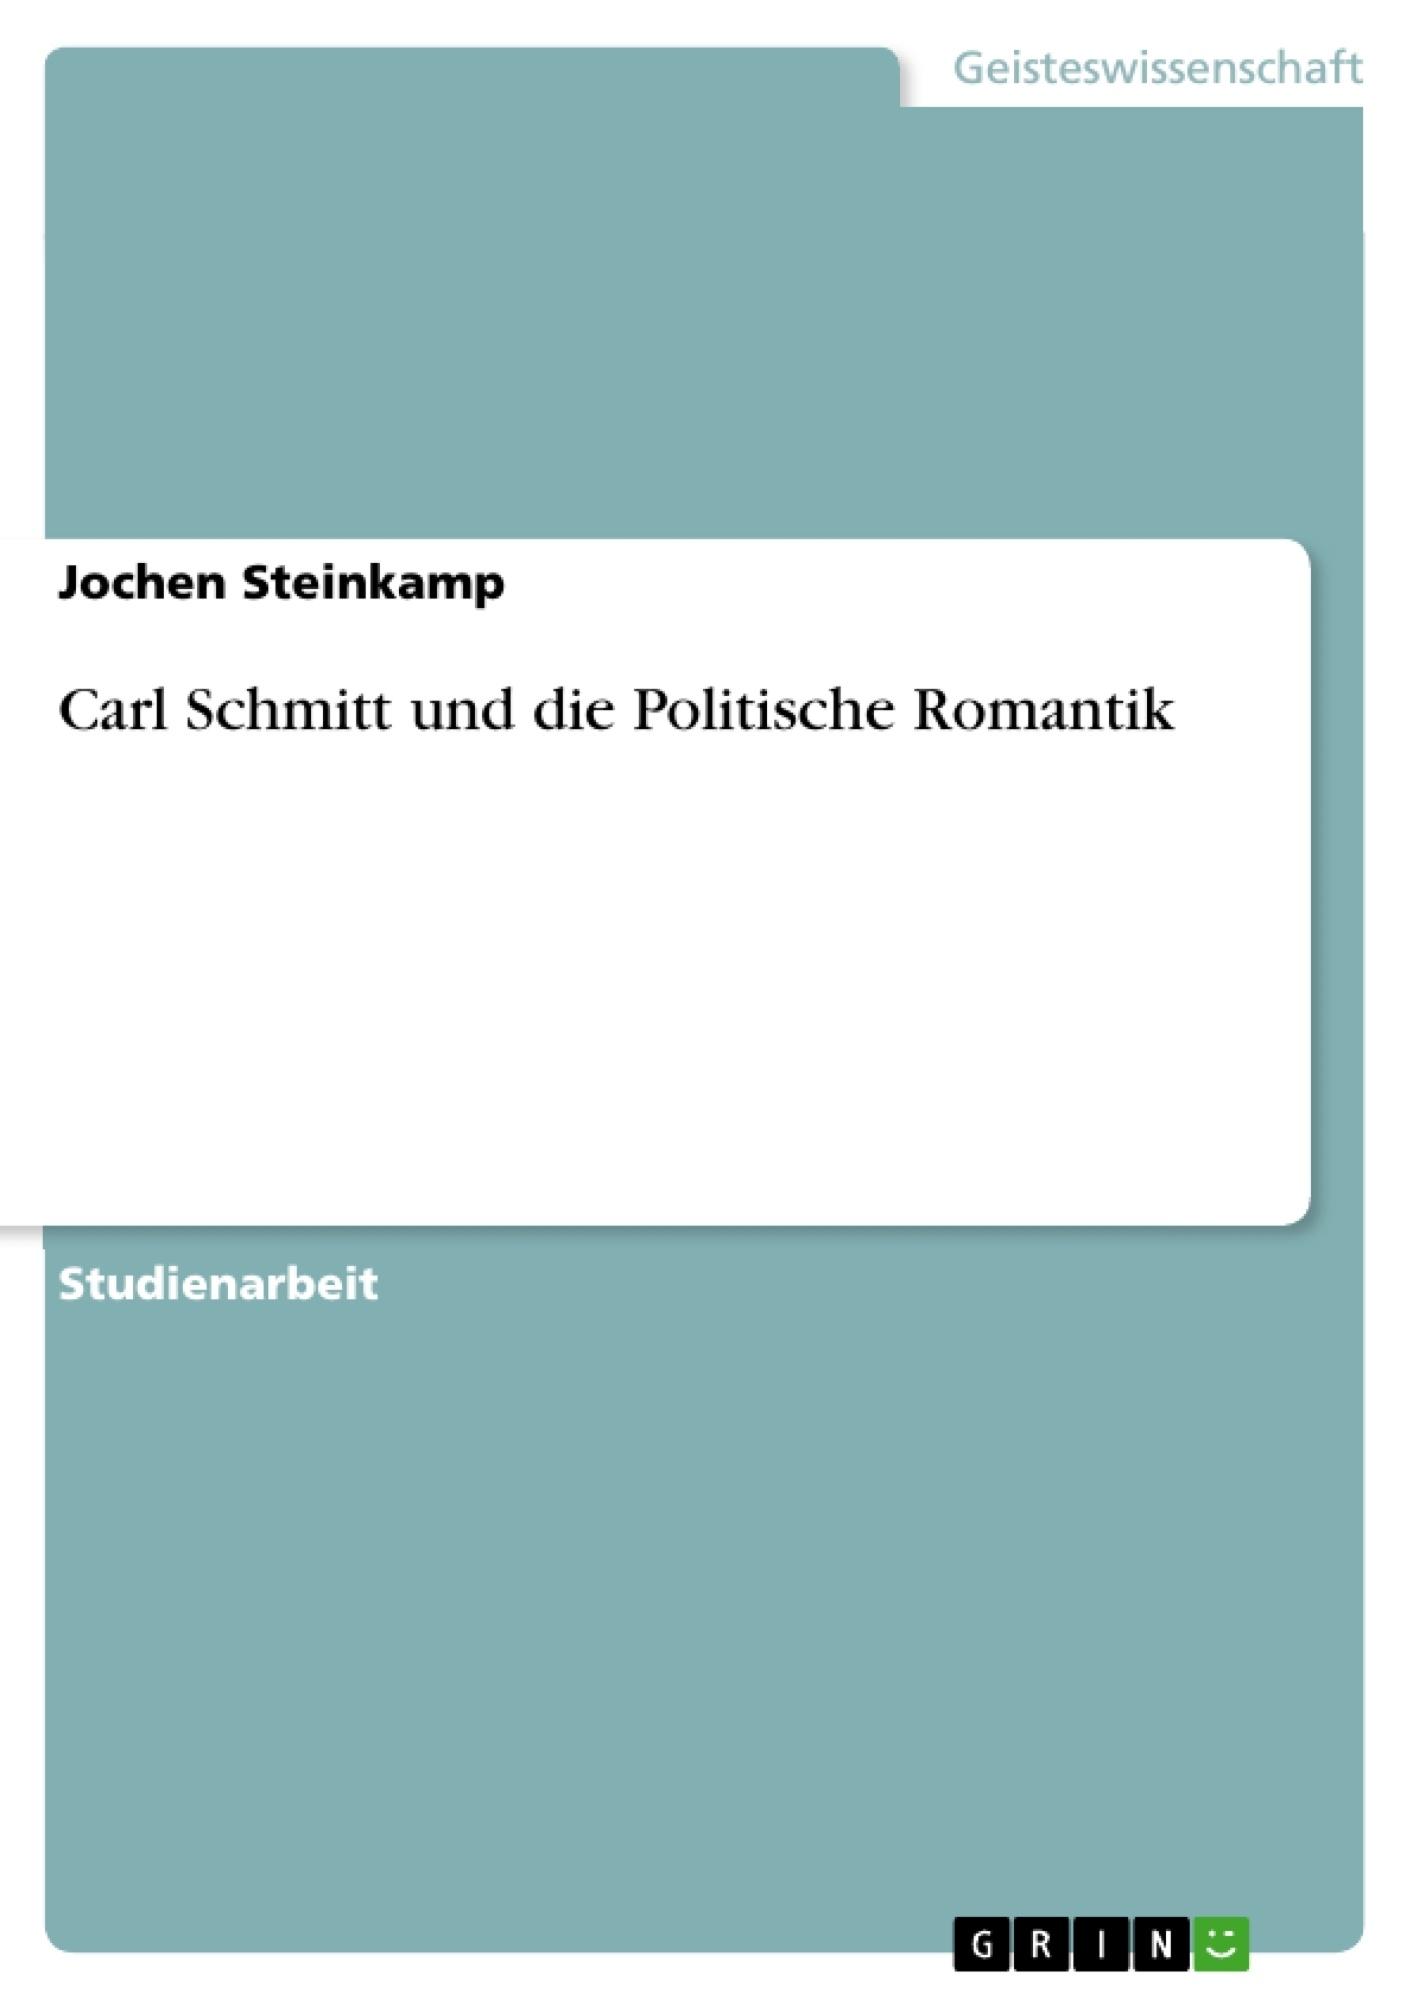 Titel: Carl Schmitt und die Politische Romantik